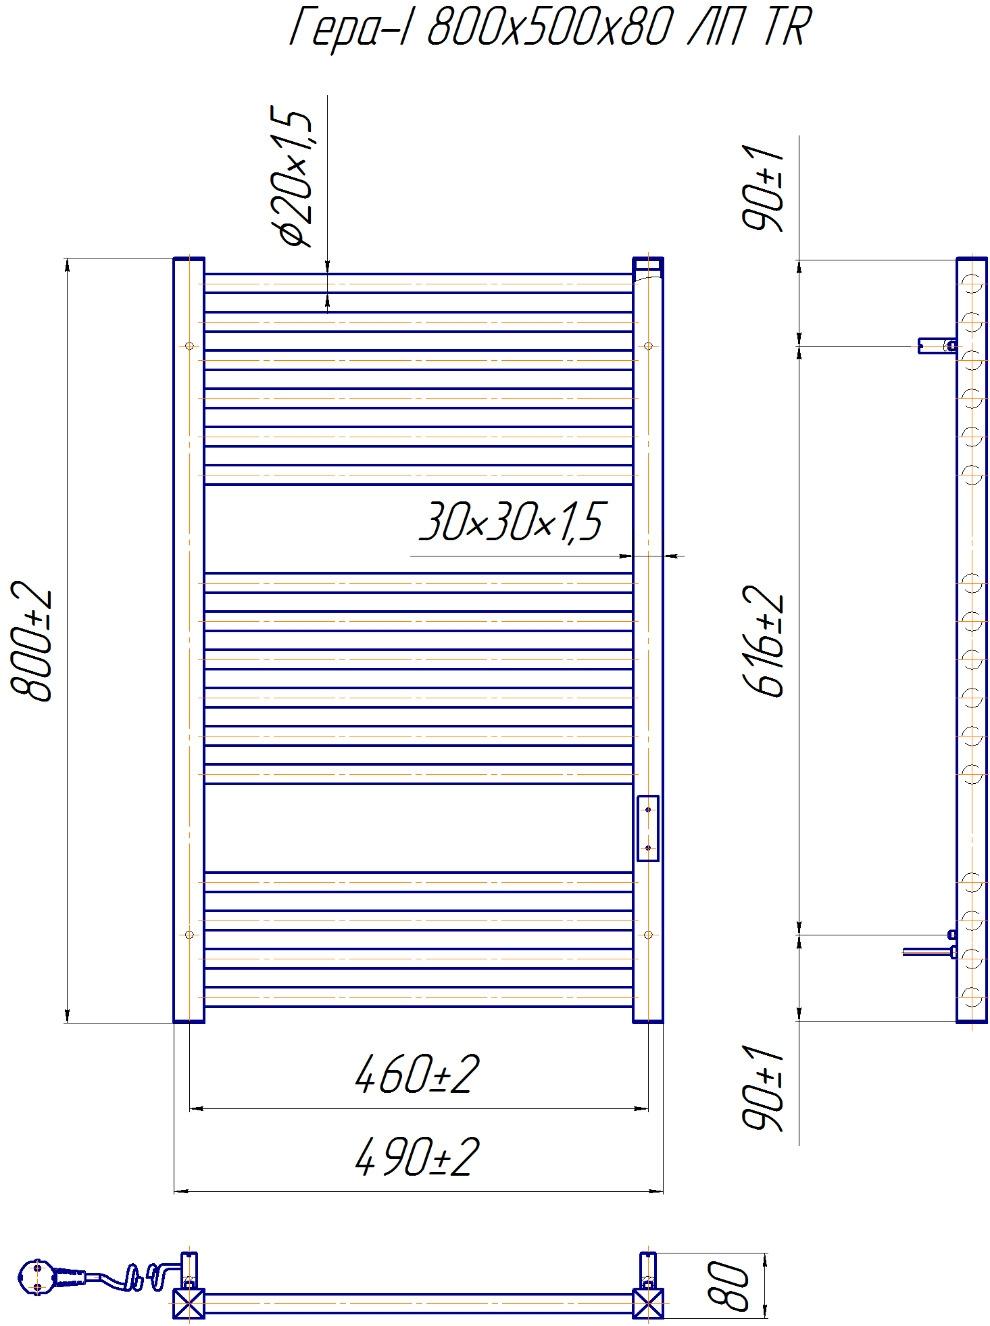 Рушникосушка нержавійка Mario Гера І-800x500/80 TR таймер-регулятор - 6